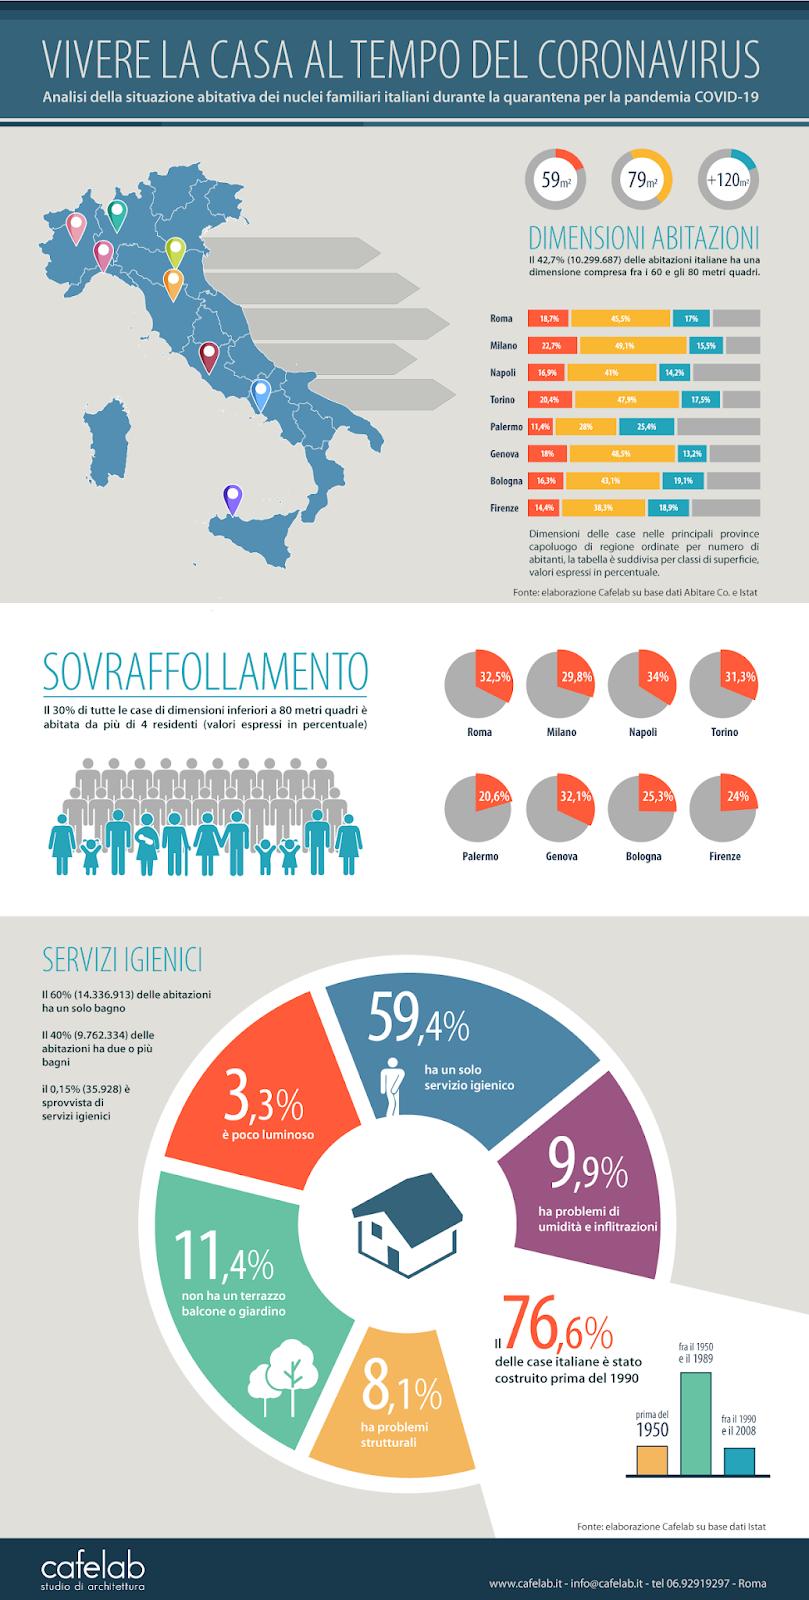 clicca per scaricalre l'infografica in pdf